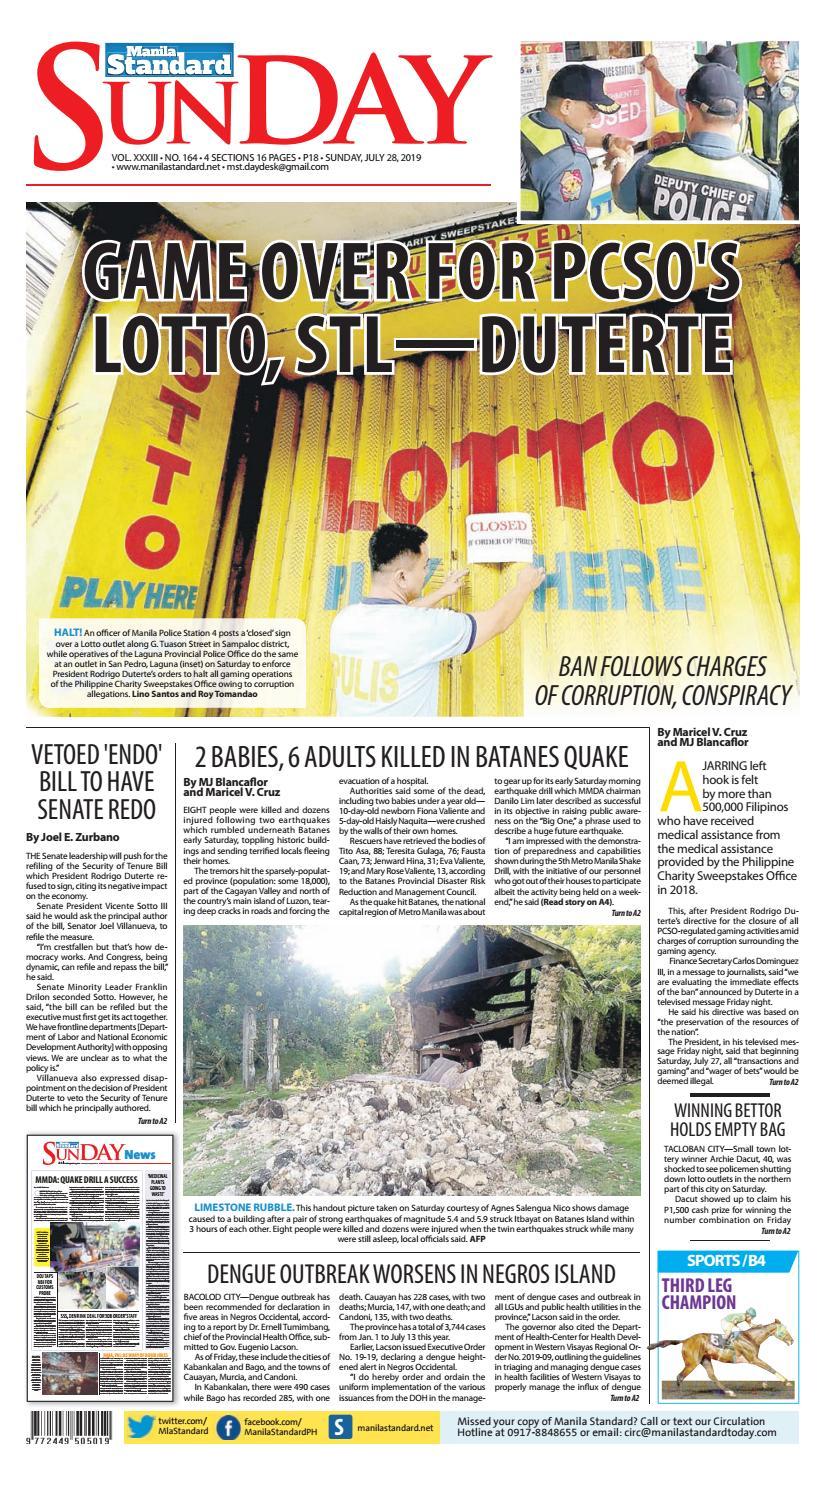 Manila Standard - 2019 July 28 - Sunday by Manila Standard